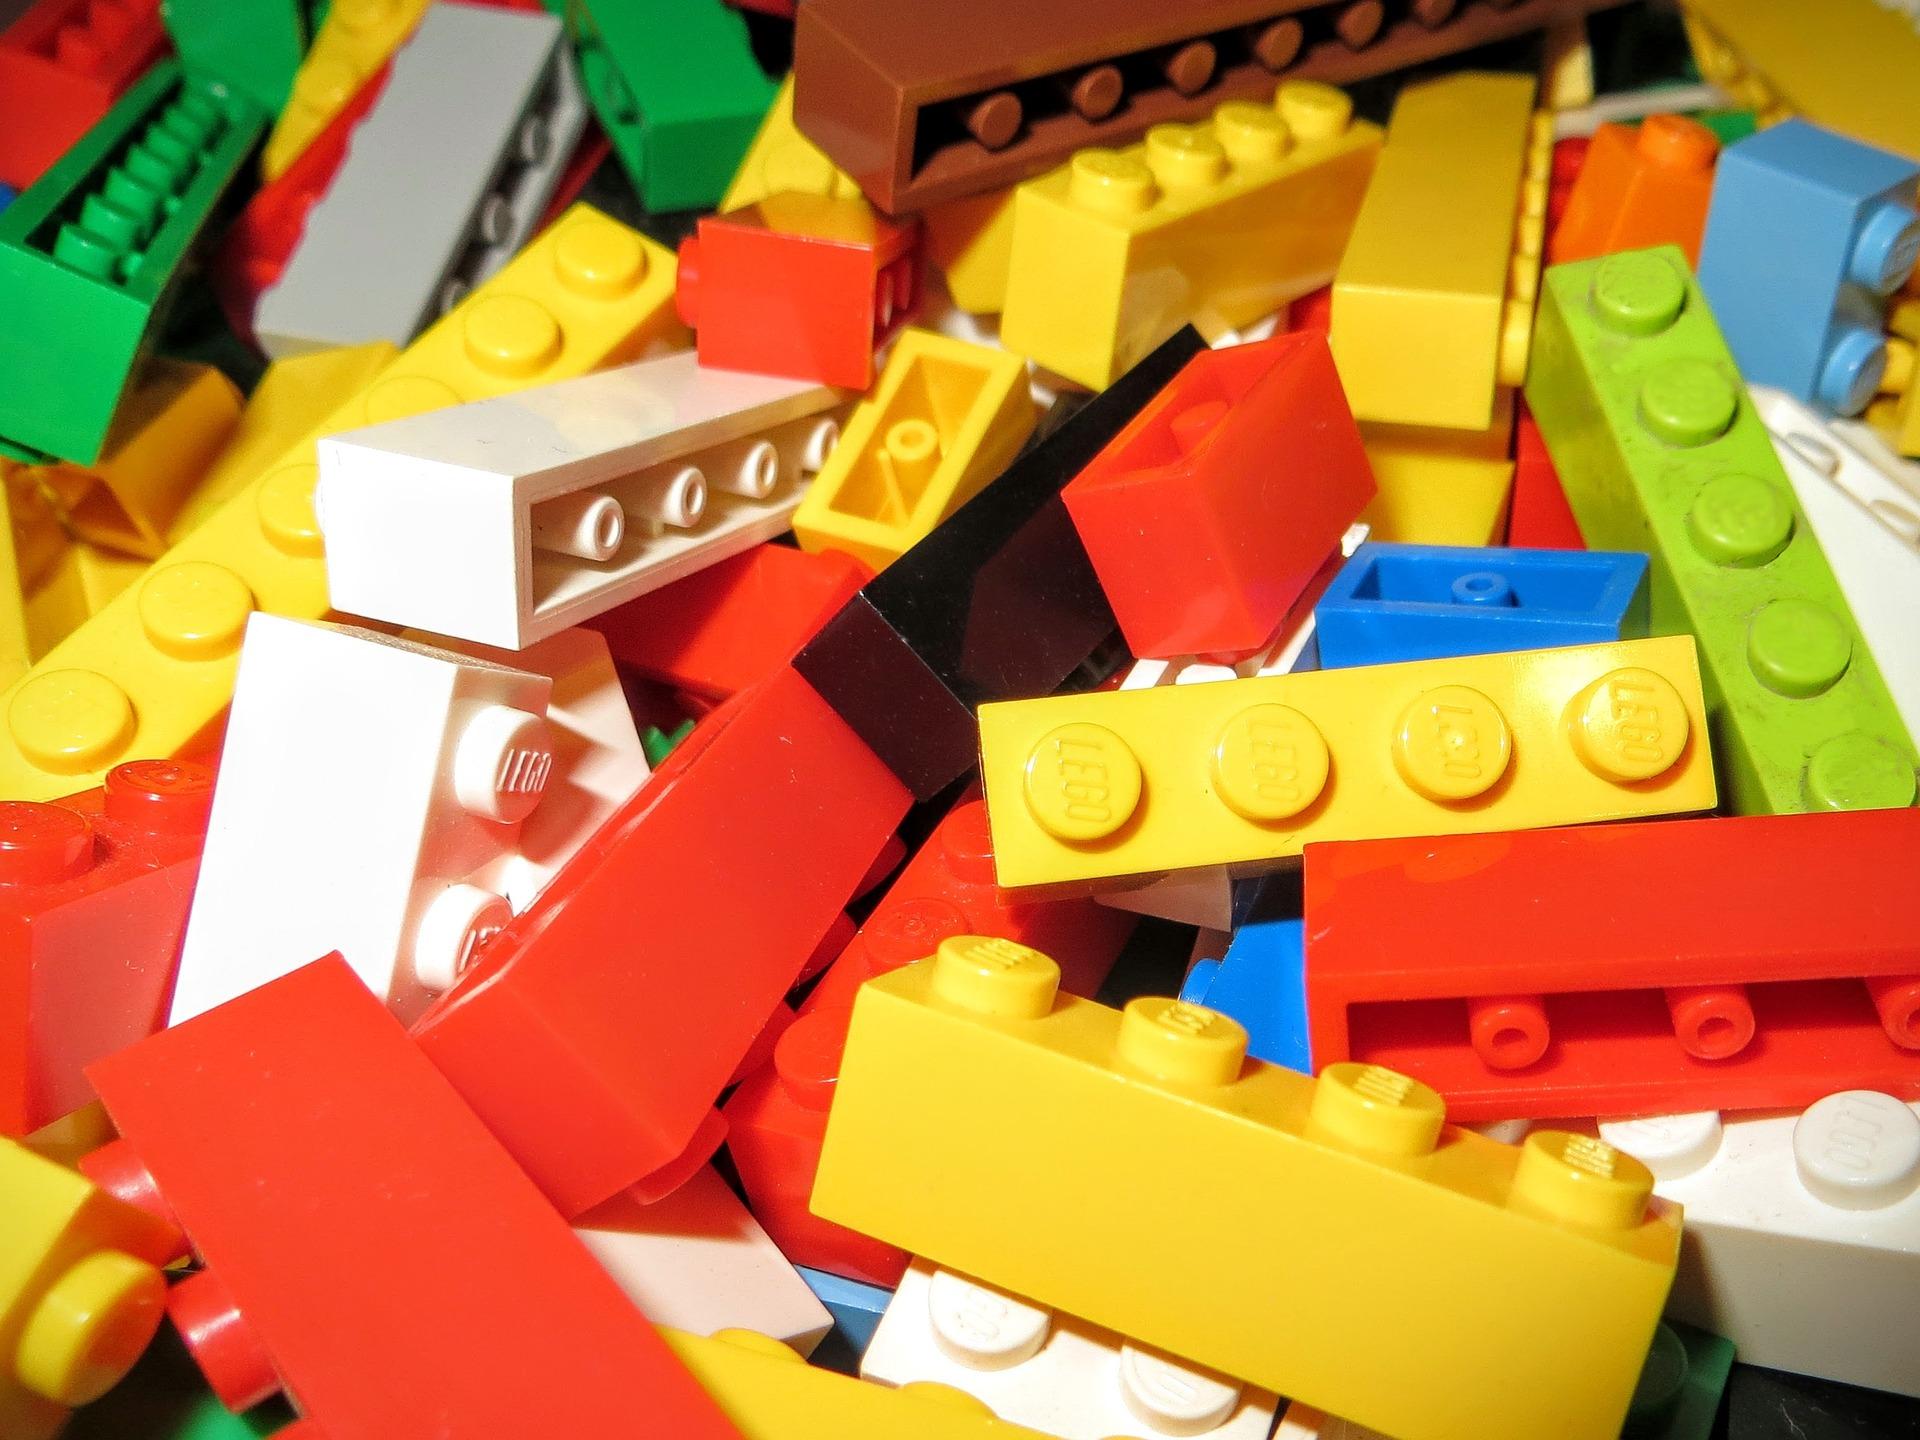 Herramientas de diseño y construcción para fans de LEGO